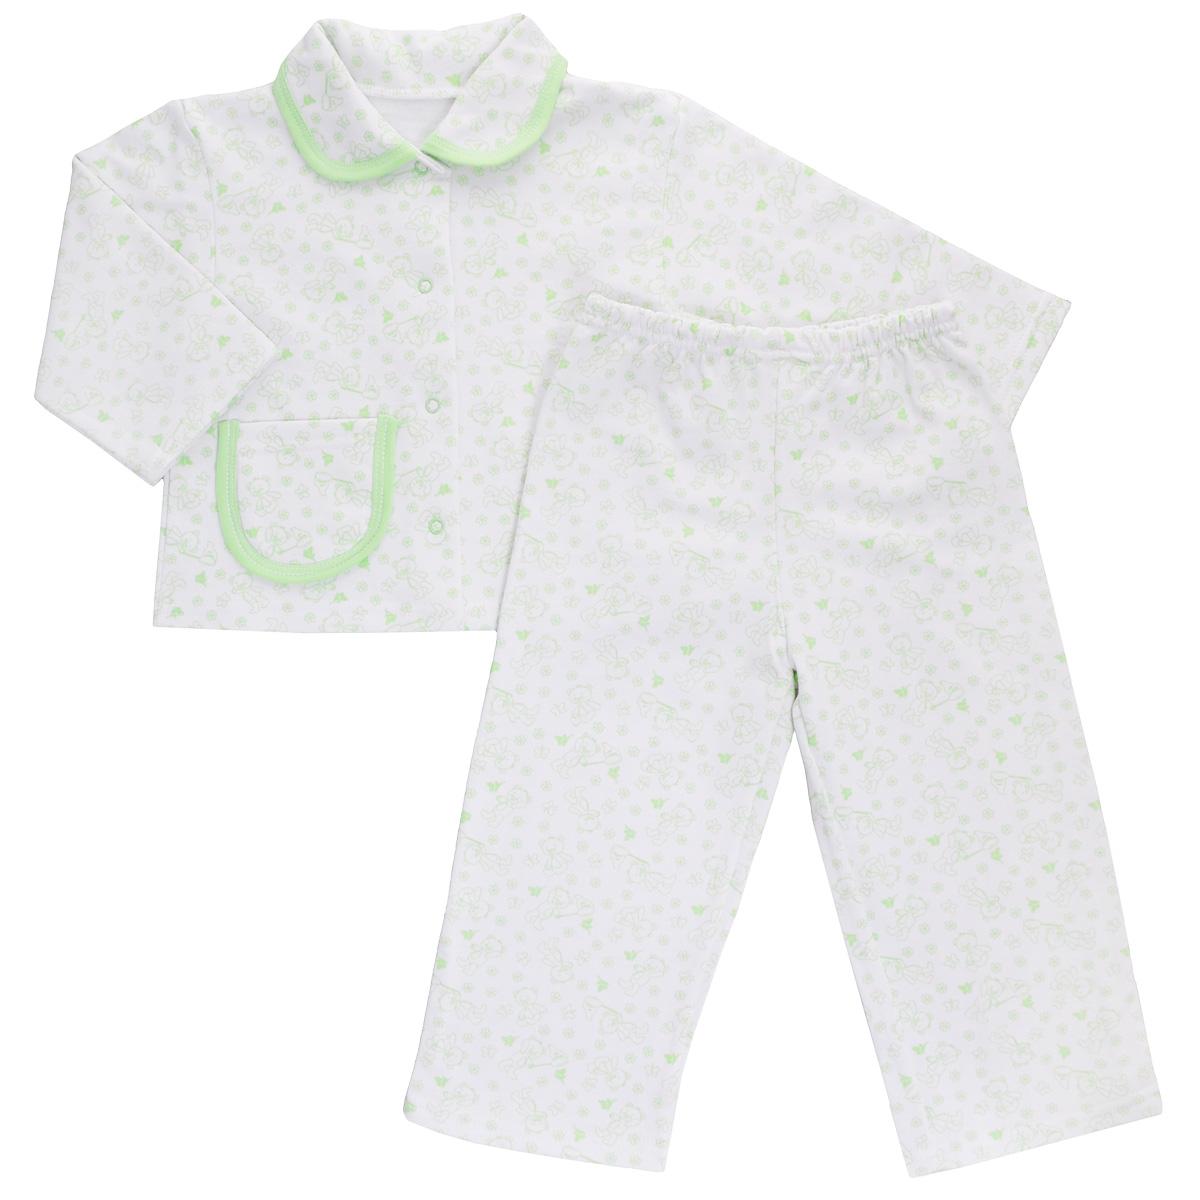 Пижама детская Трон-плюс, цвет: белый, салатовый, рисунок мишки. 5552. Размер 80/86, 1-2 года